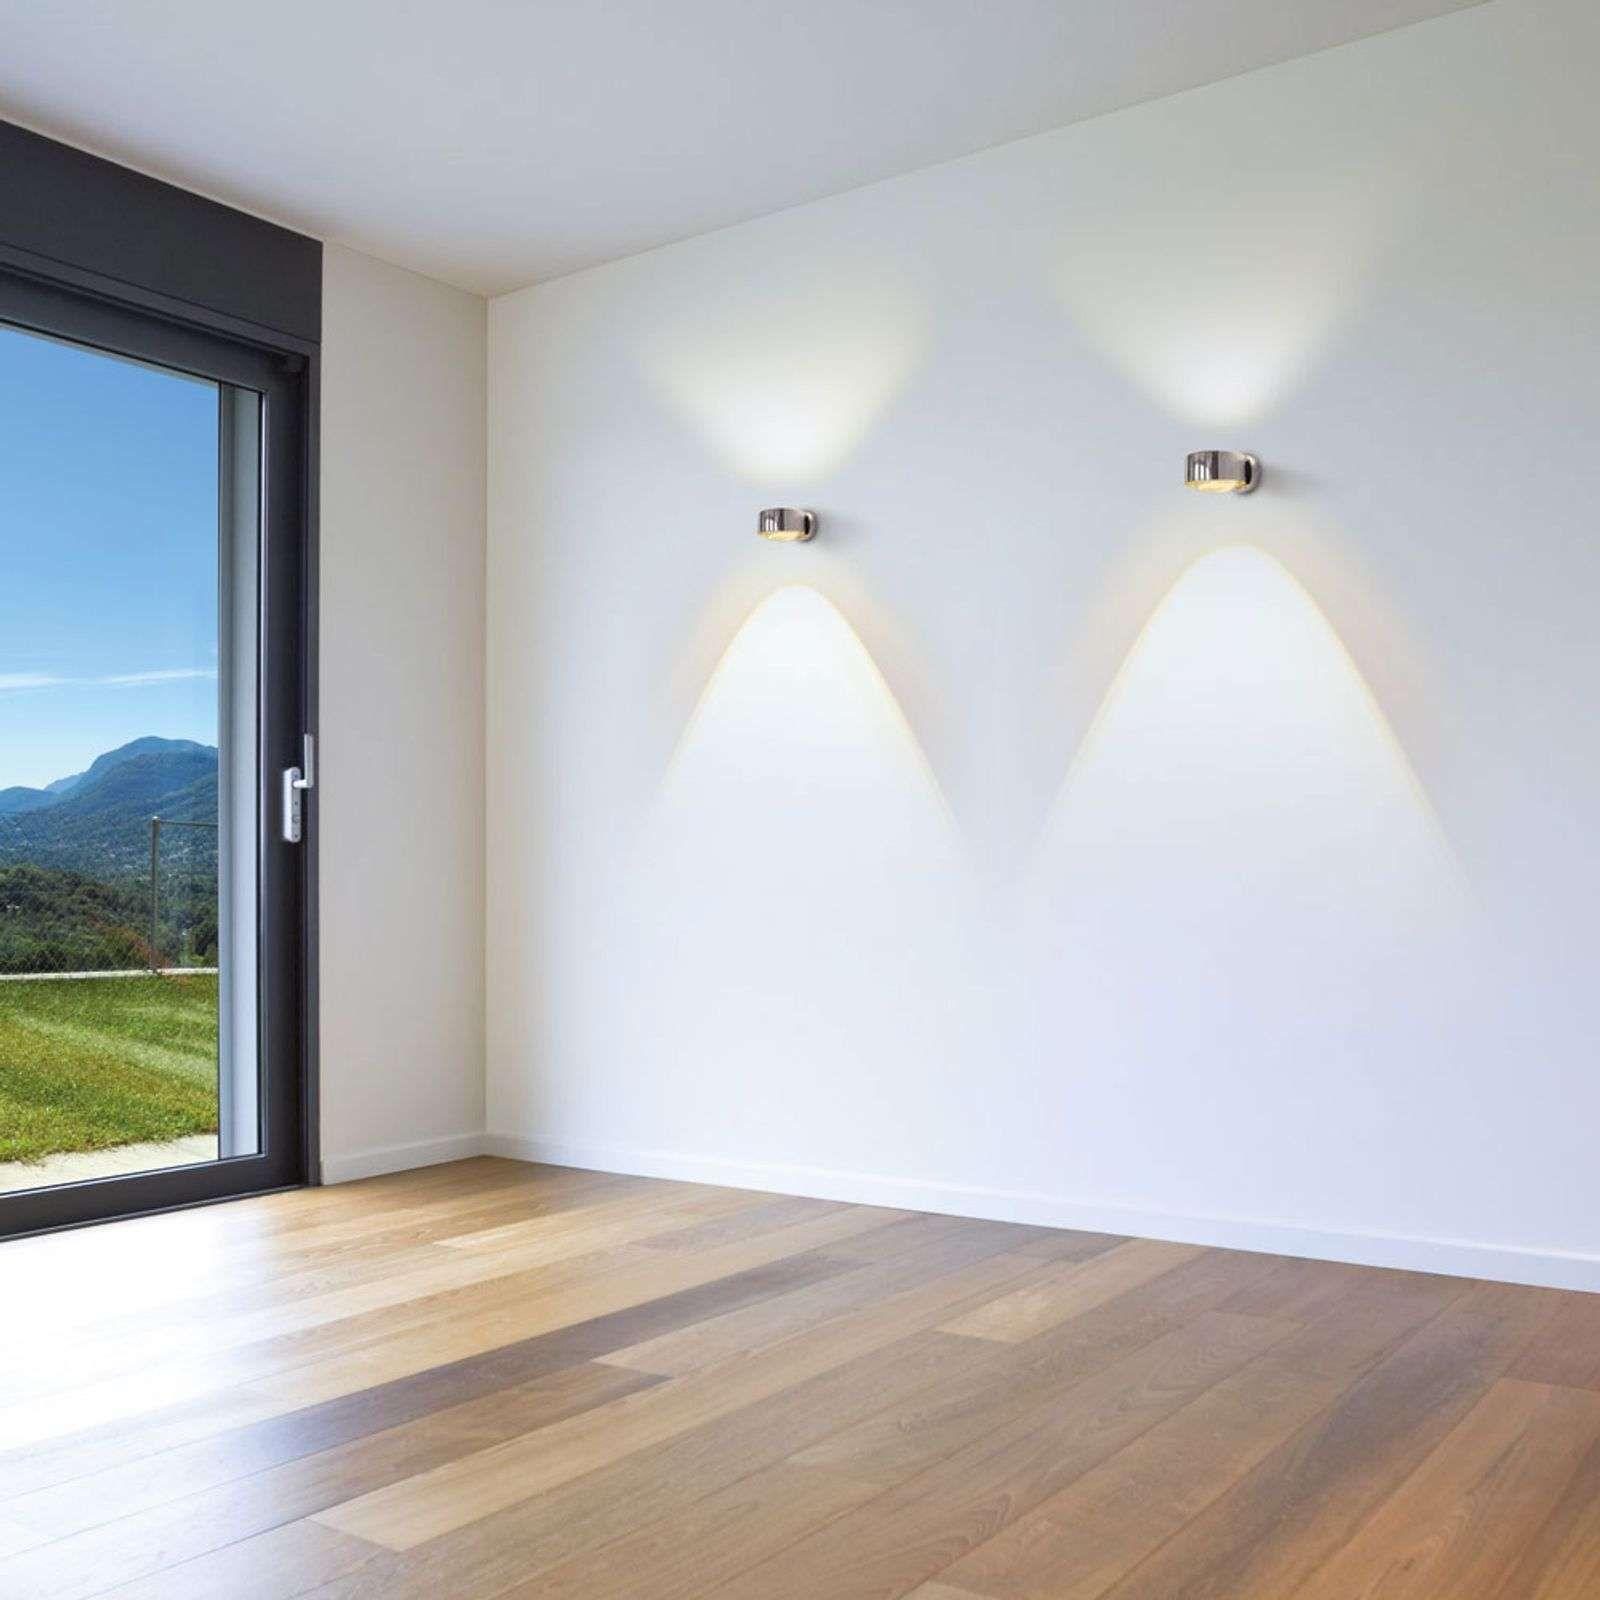 Led Wandleuchte Puk Maxx Wall Chrom In 2020 Treppenhaus Beleuchtung Led Lampen Decke Und Lampen Treppenhaus